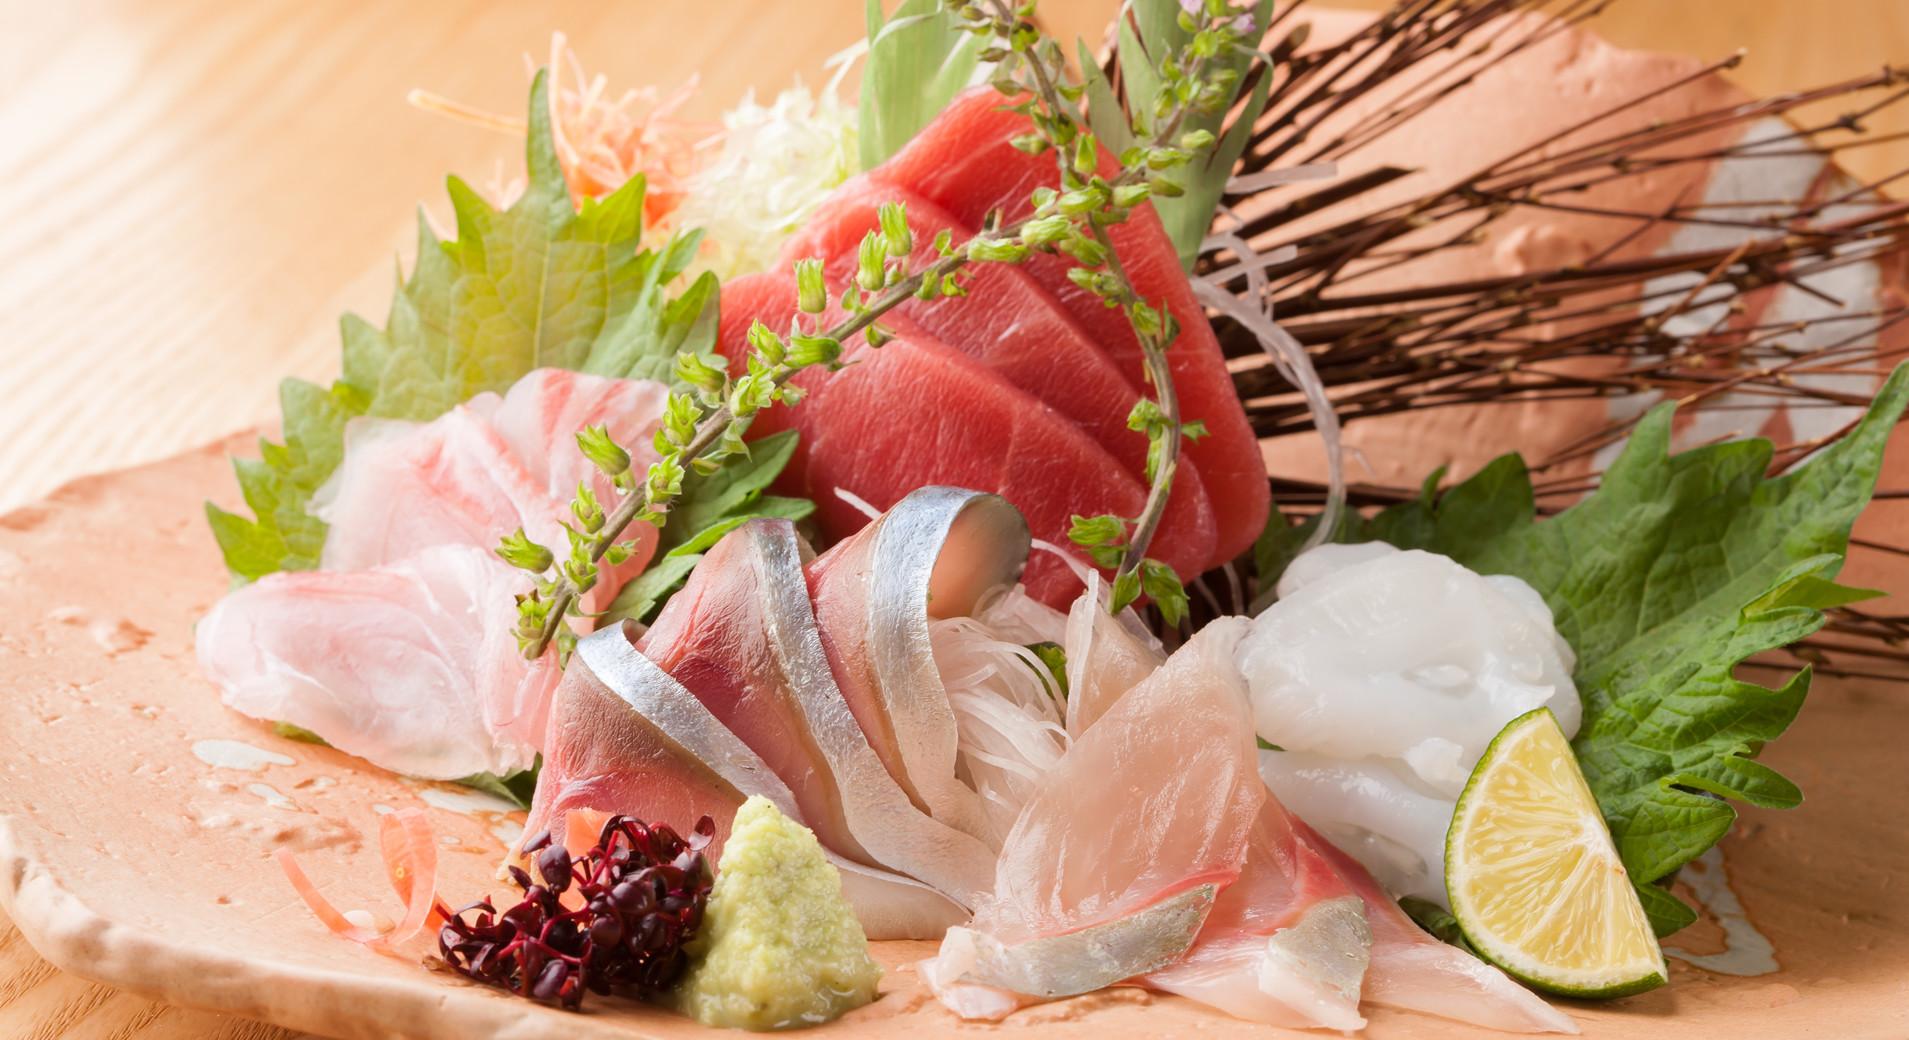 ご接待や大人のデートなど、 大切なご会食の際にはコース料理がお薦めです。 コース料理は『榊』『椿』『楓』の3種を基本としていますが、 特別コースも承ります。 ご予算等、お気軽にご要望をお聞かせください。